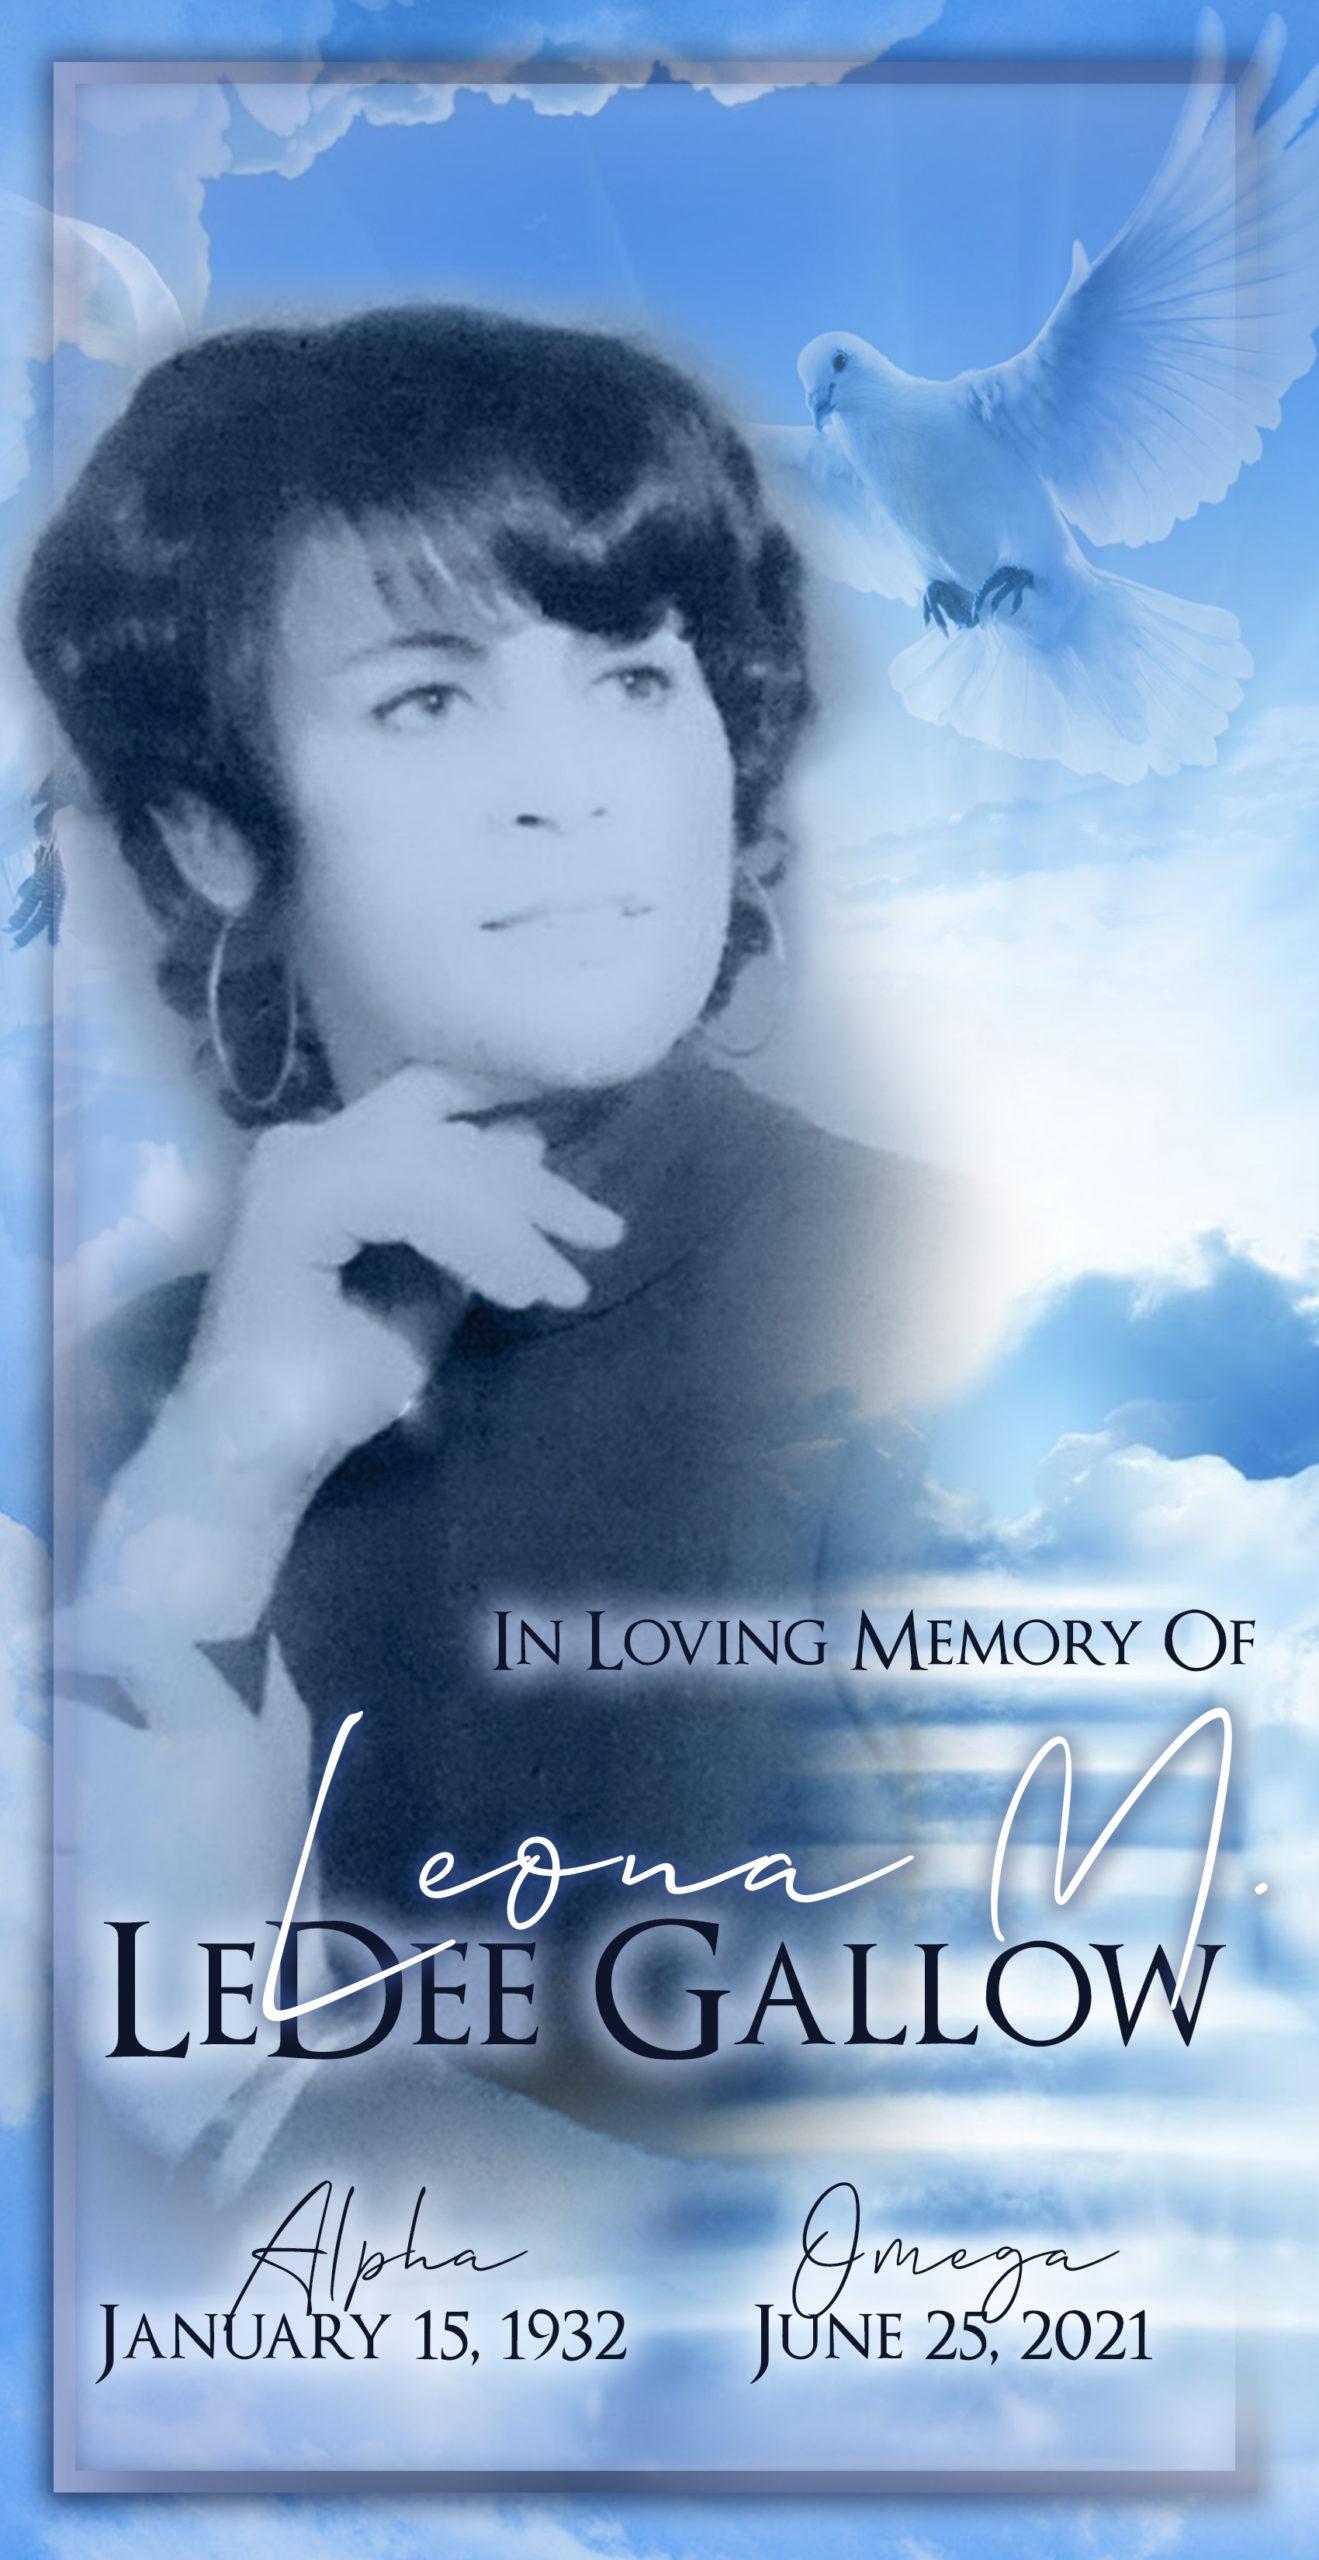 Leona Gallow 1932-2021